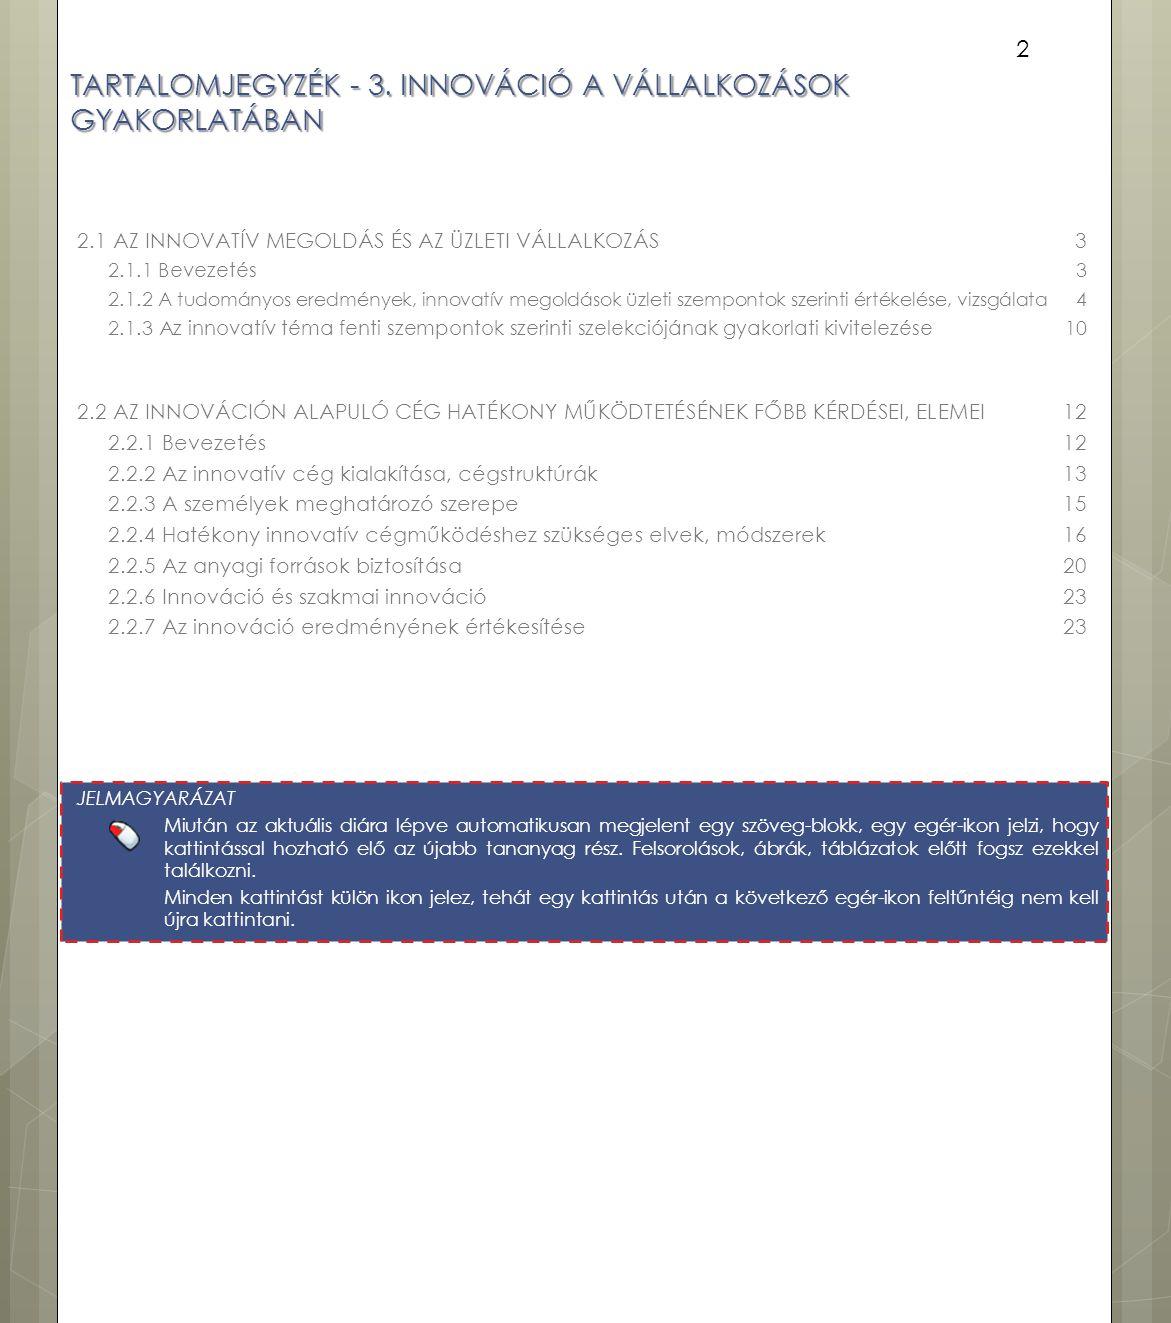 TARTALOMJEGYZÉK - 3. INNOVÁCIÓ A VÁLLALKOZÁSOK GYAKORLATÁBAN 2.1 AZ INNOVATÍV MEGOLDÁS ÉS AZ ÜZLETI VÁLLALKOZÁS3 2.1.1 Bevezetés3 2.1.2 A tudományos e